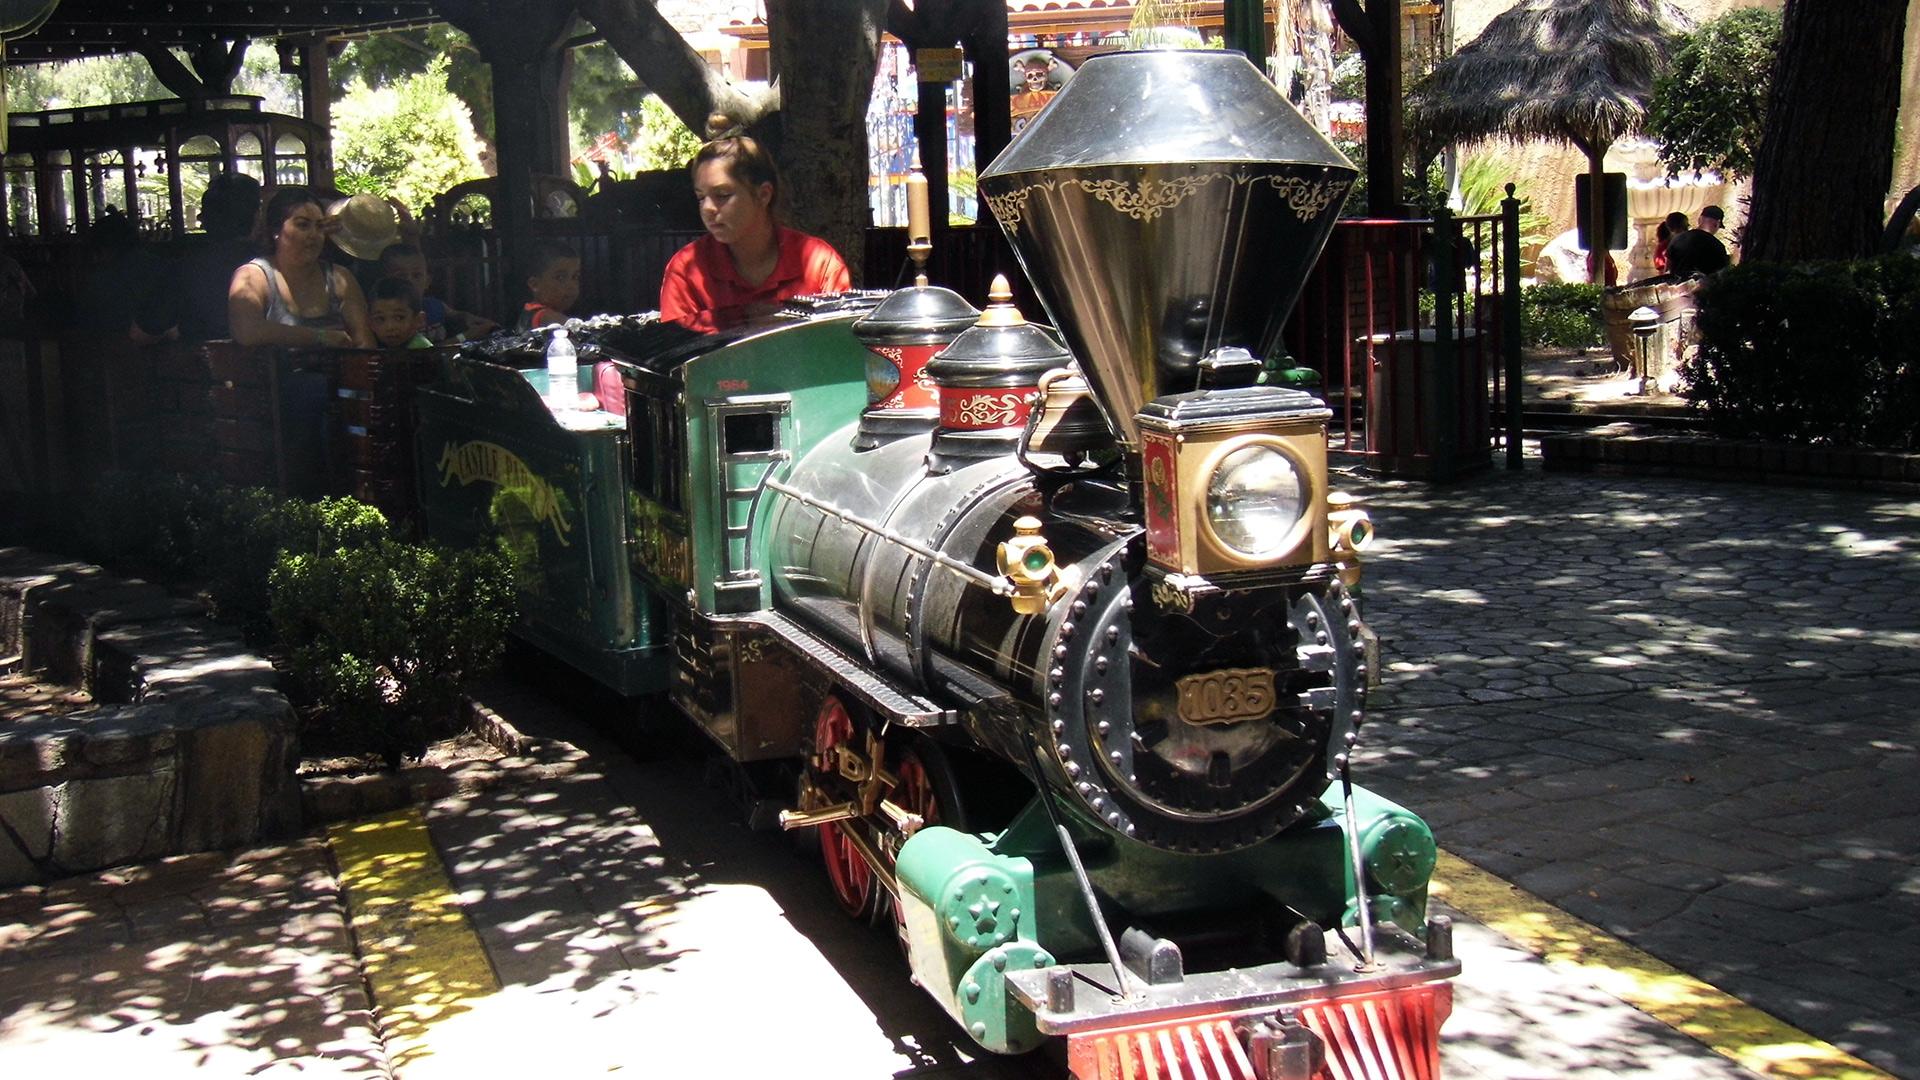 Castle Park Railroad